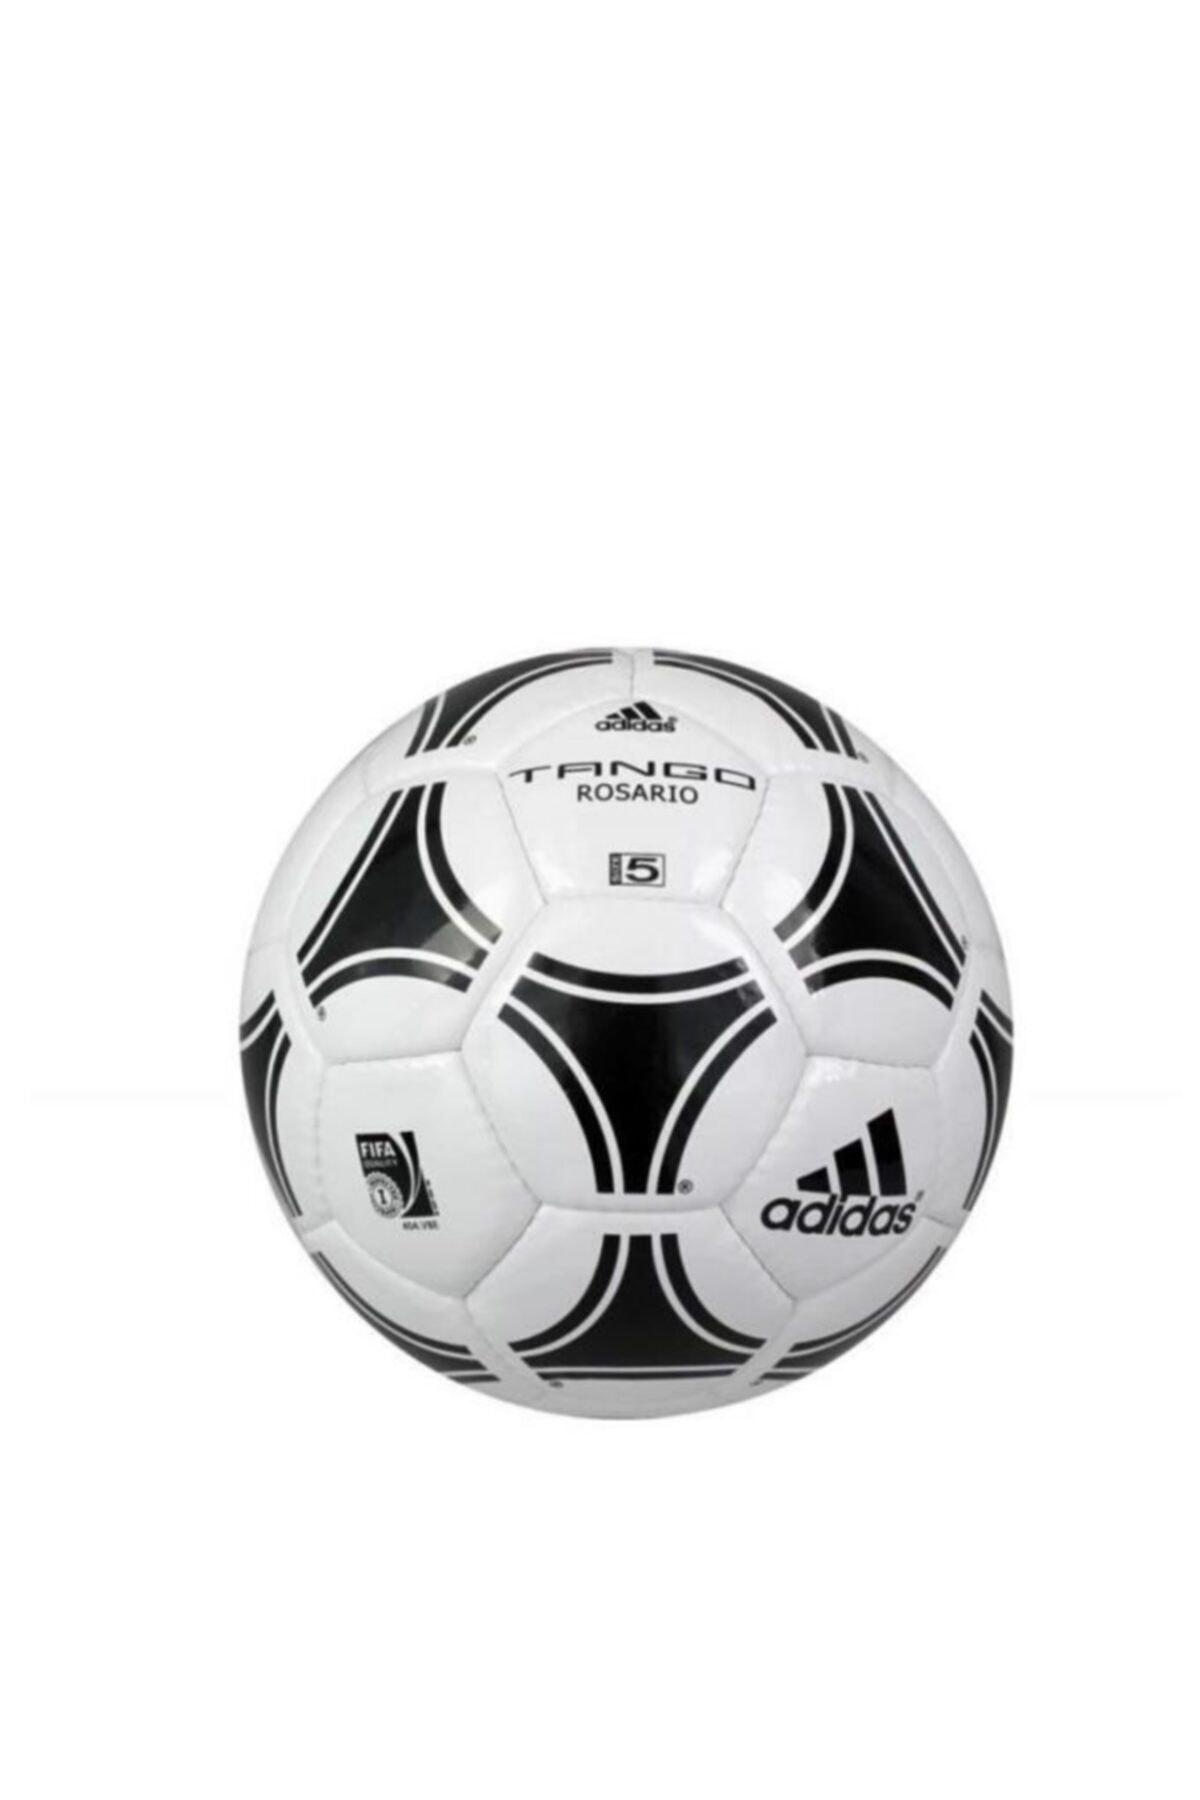 adidas Tango Rosario Futbol Topu 1